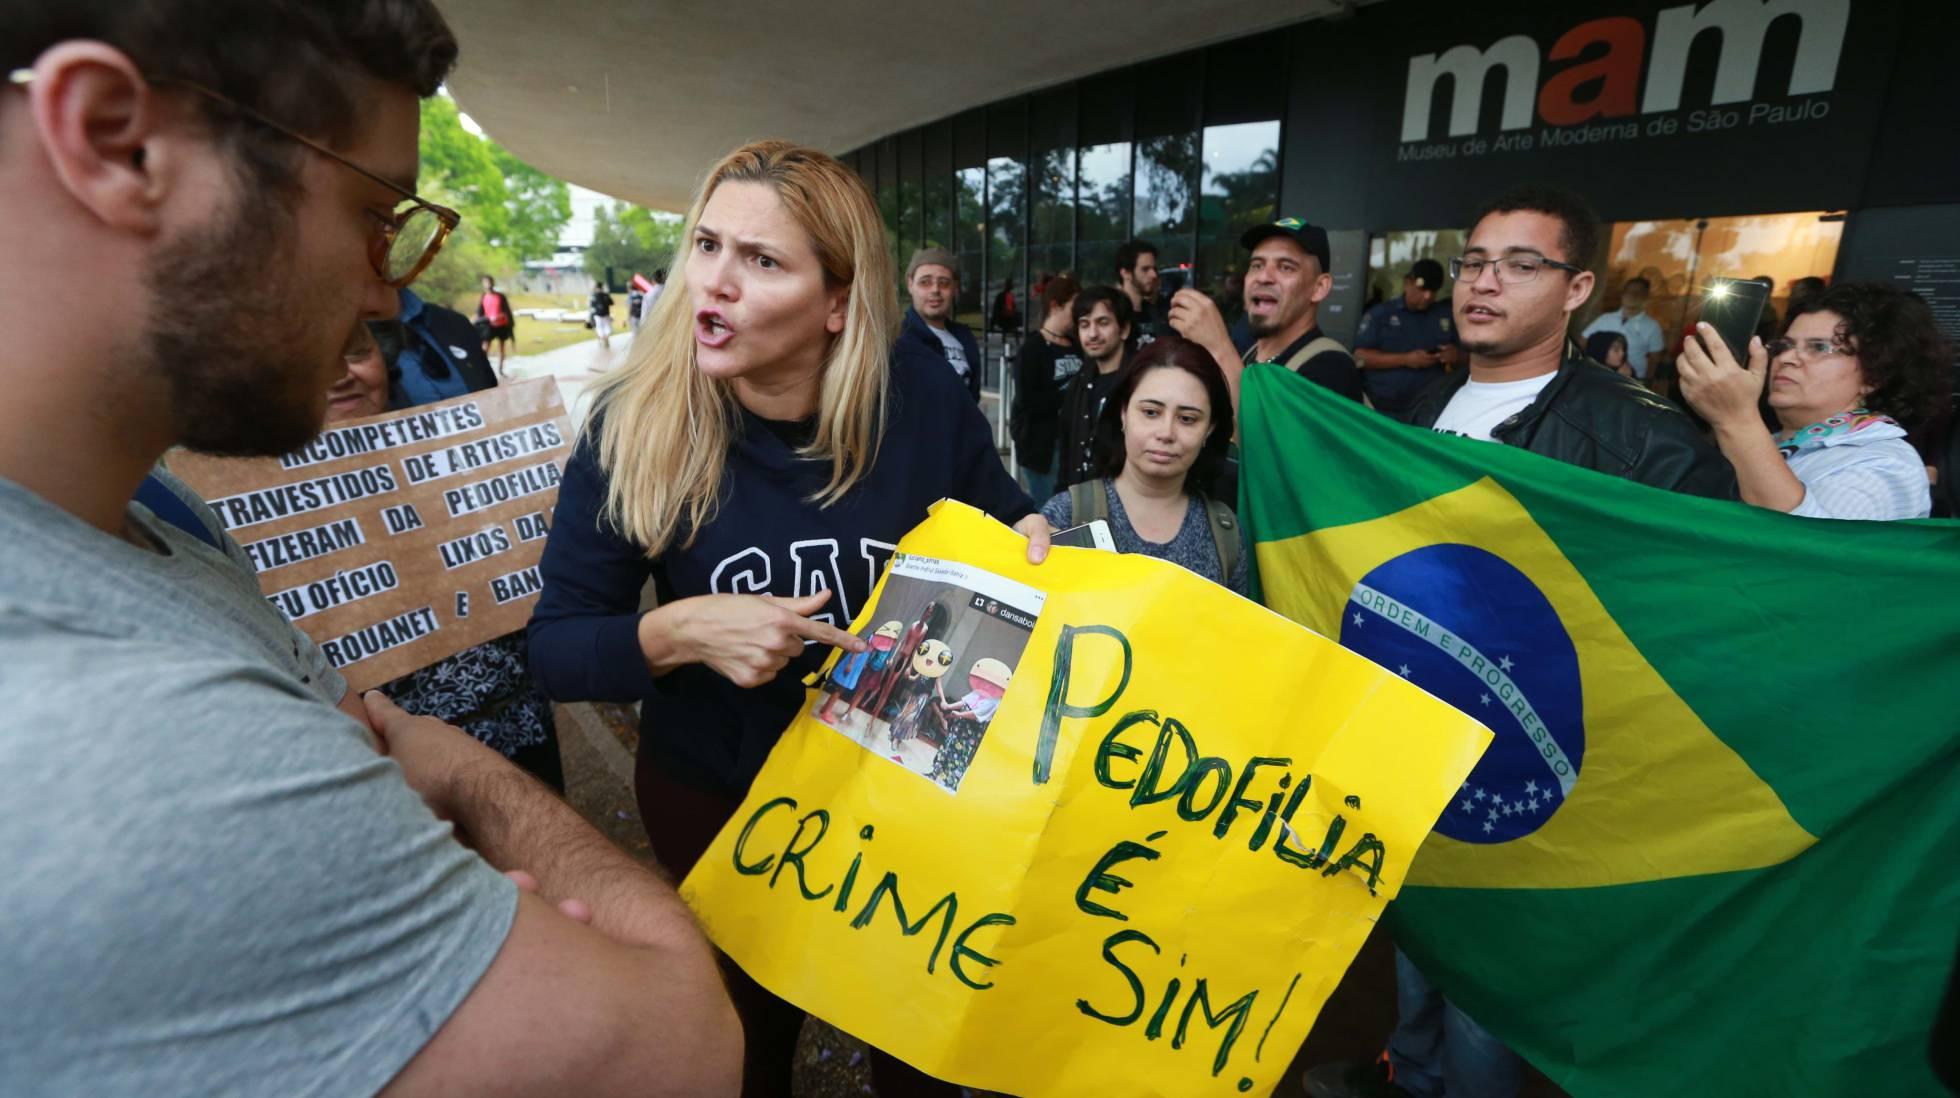 Manifestantes protestam no MAM em repúdio à apresentação do coreógrafo Wagner Schwartz no dia 30 de setembro (TIAGO QUEIROZ/ESTADÃO CONTEÚDO/ Reprodução El País)